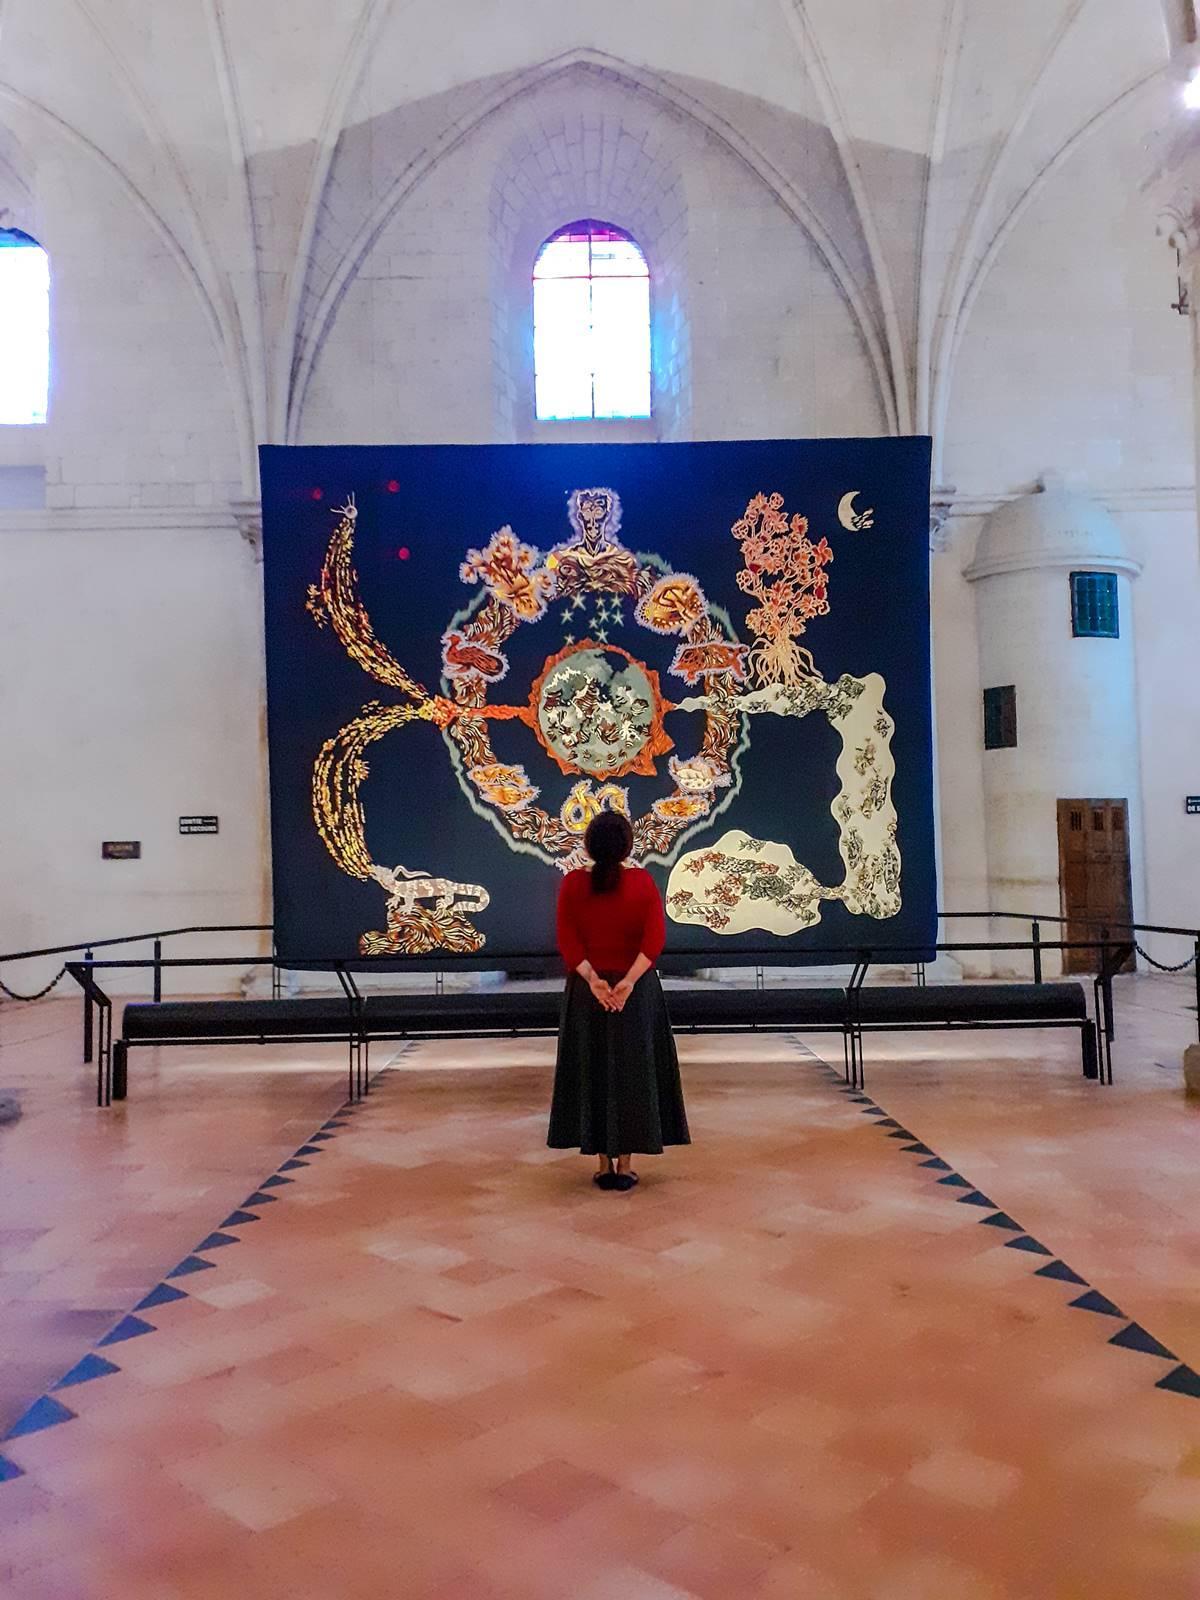 On a visite le musee jean lurcat et de la tapisserie contemporainepsx 20210627 132923